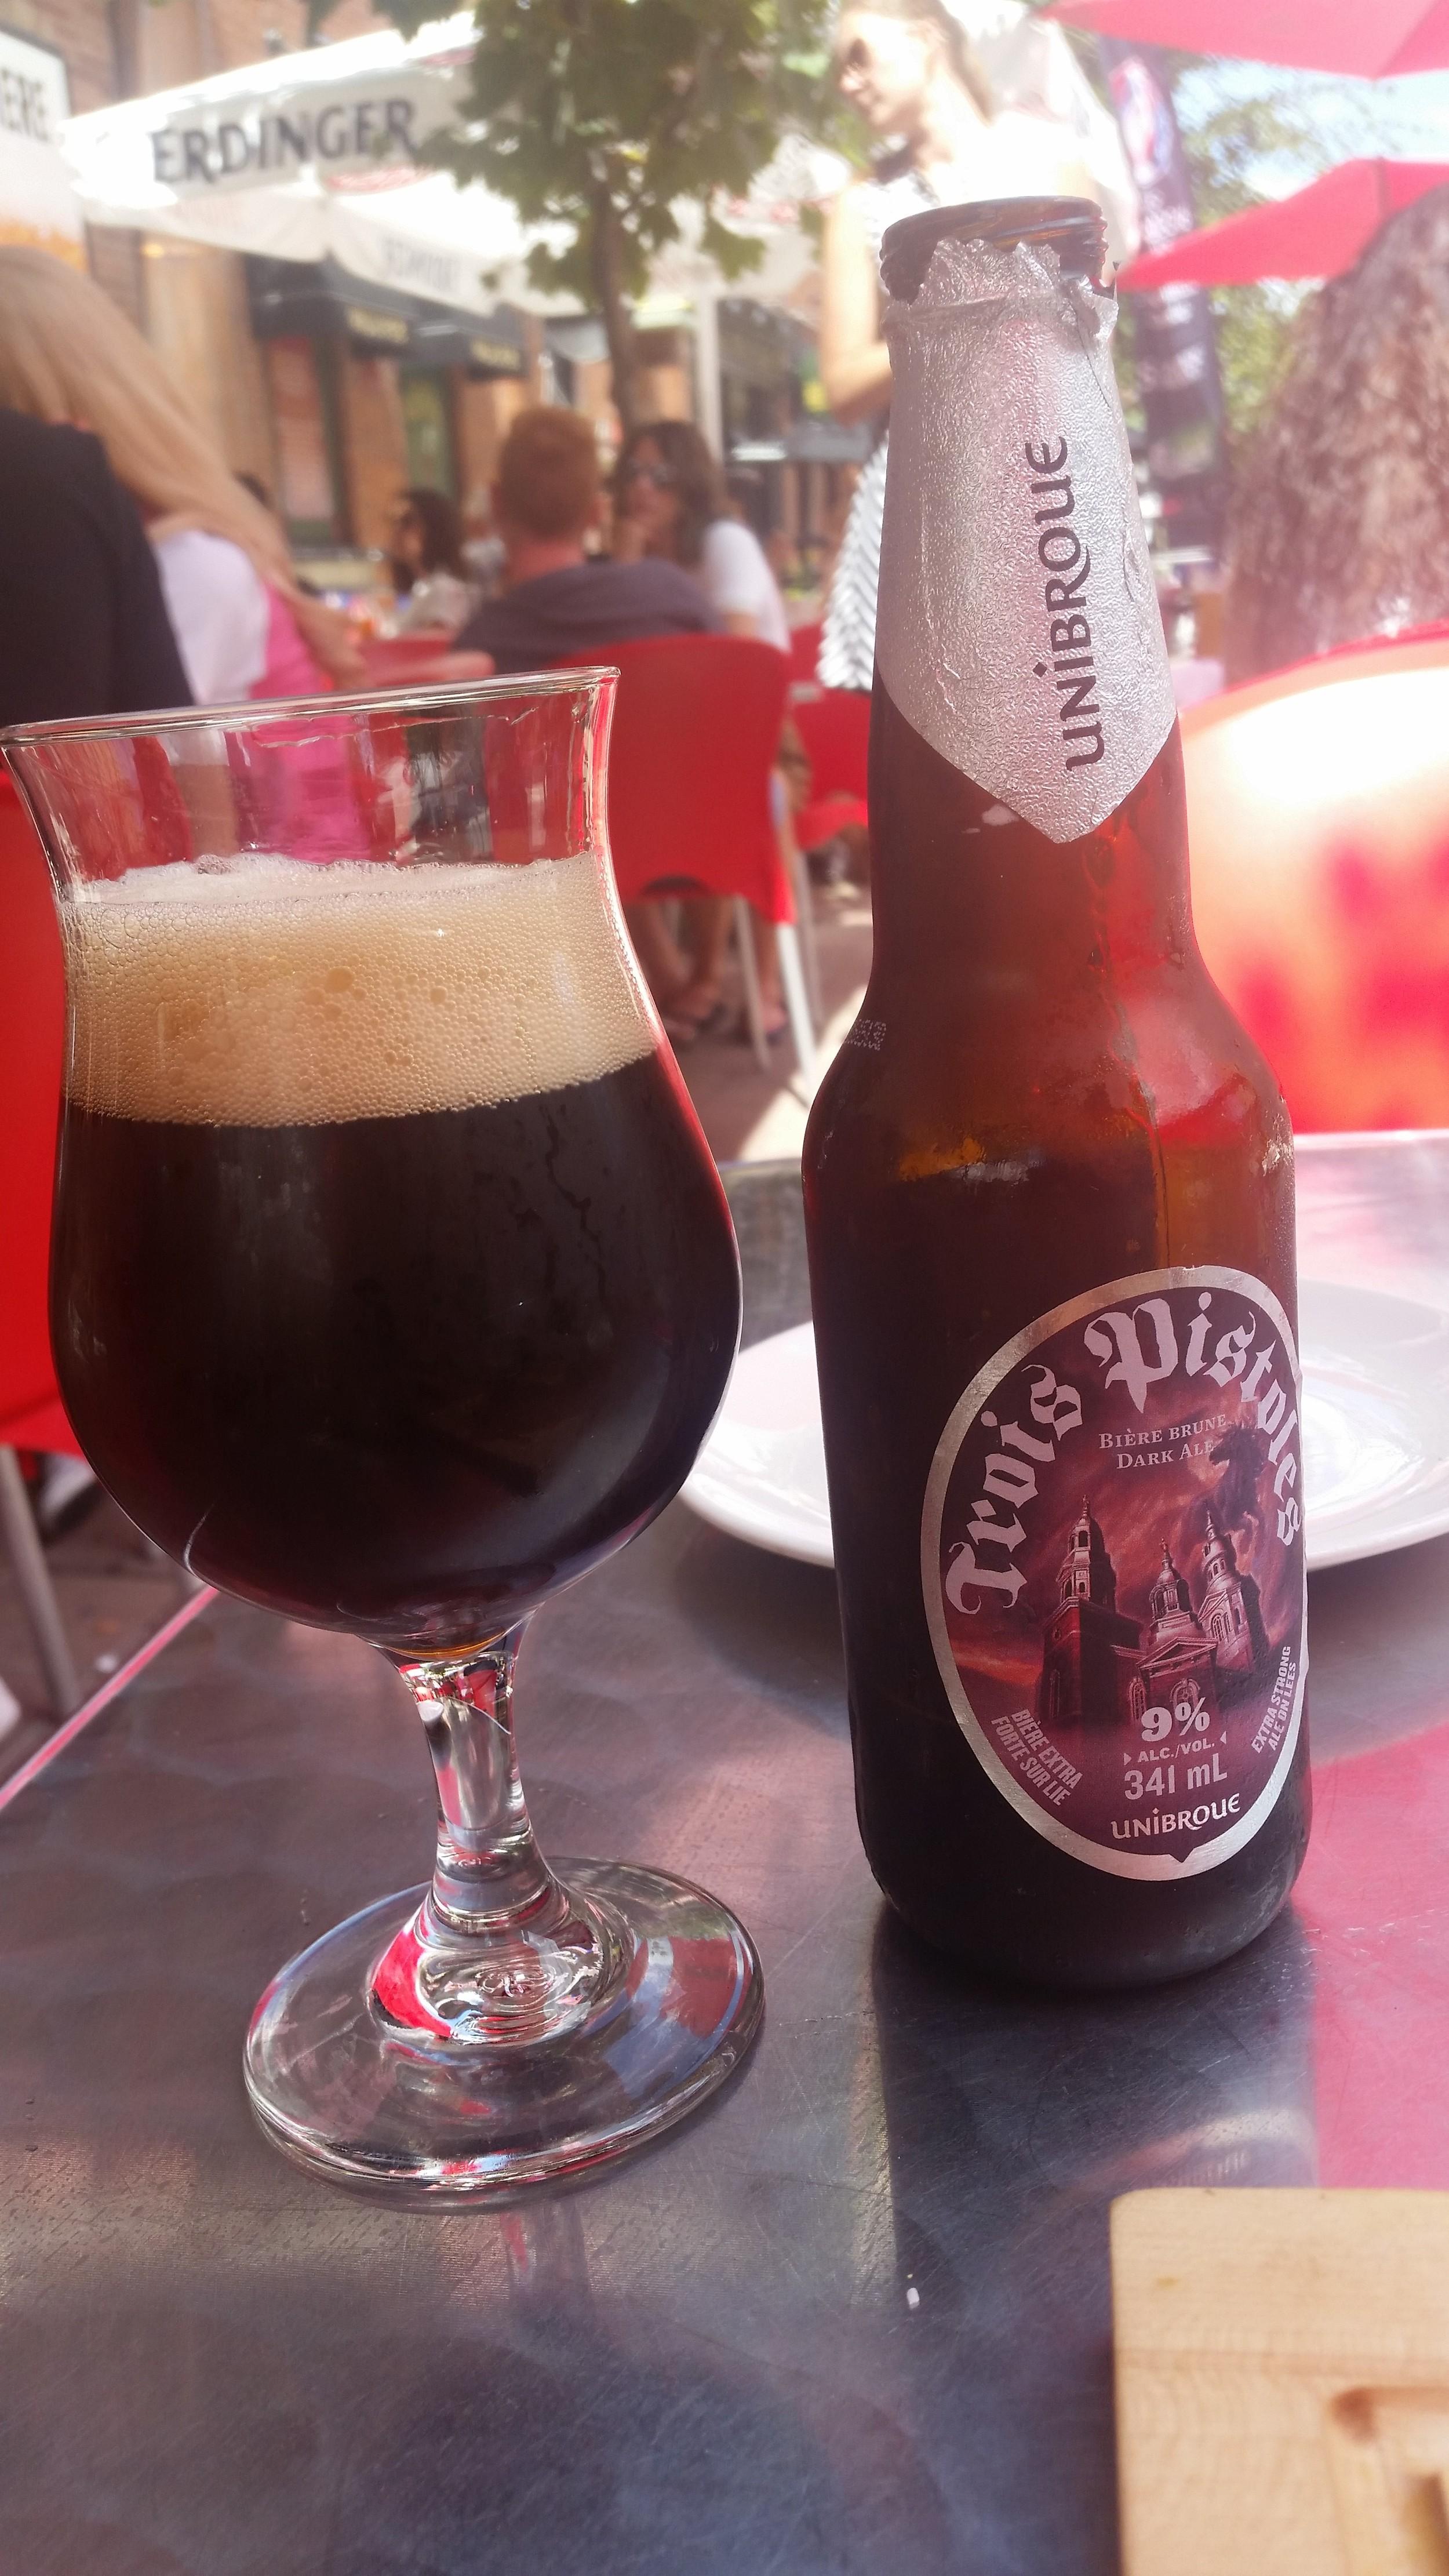 Alkol %9, Belçika usulü koyu Ale. Trois Pistoles çok çok lezzetli, ancak 34 derecede içilecek bir bira değil. serinletmiyor, ESMİYOR çünkü